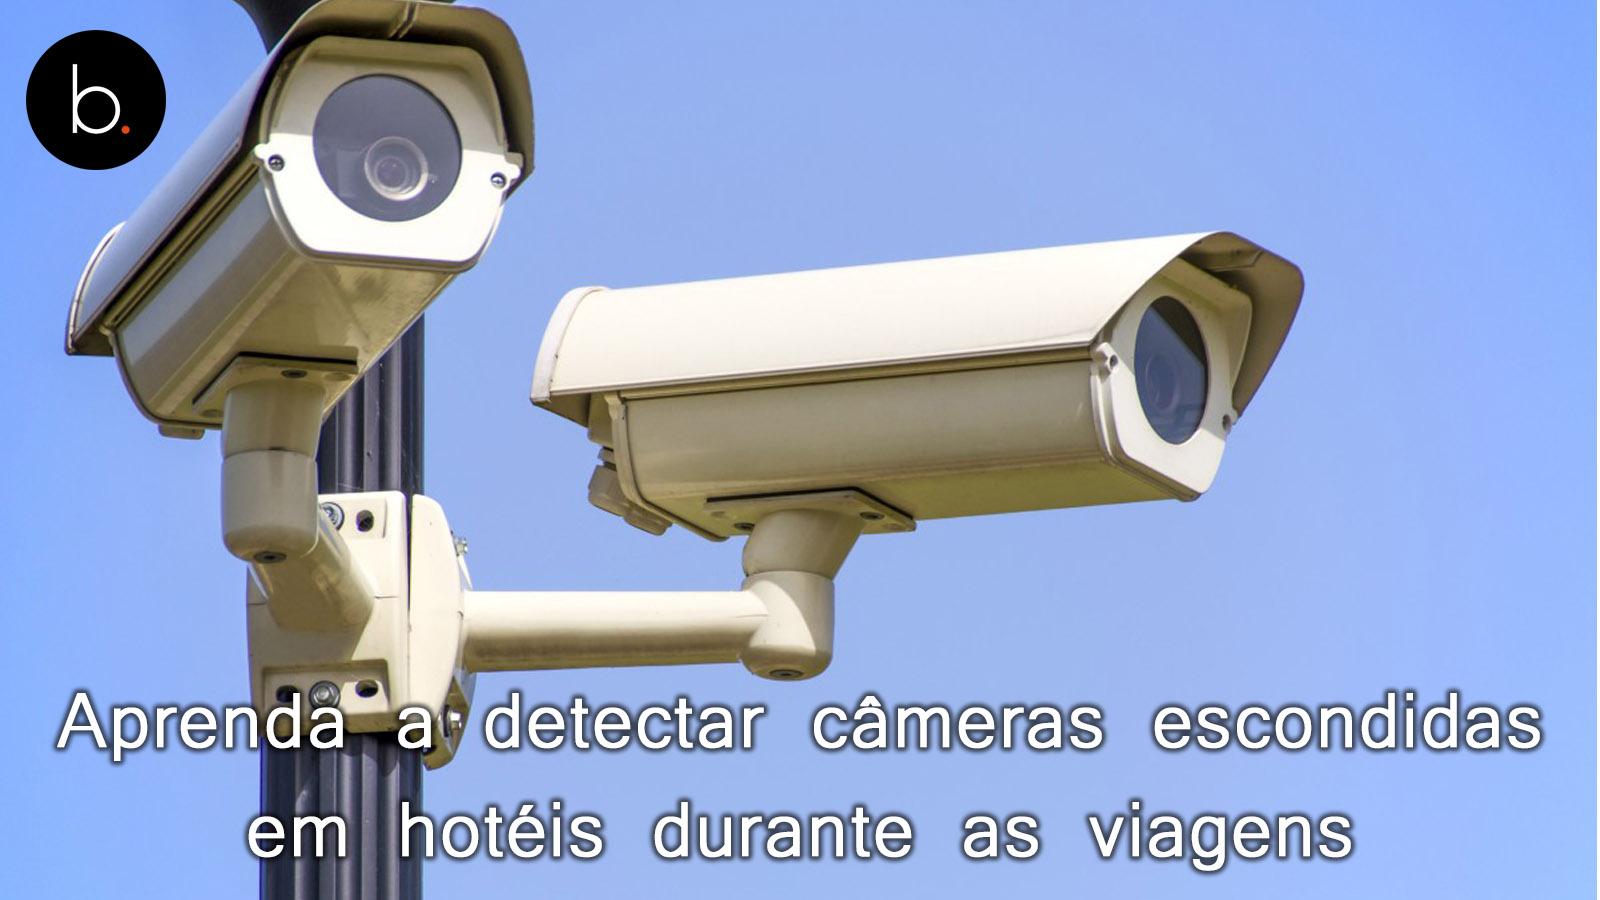 Aprenda a detectar câmeras escondidas em hotéis durante as viagens